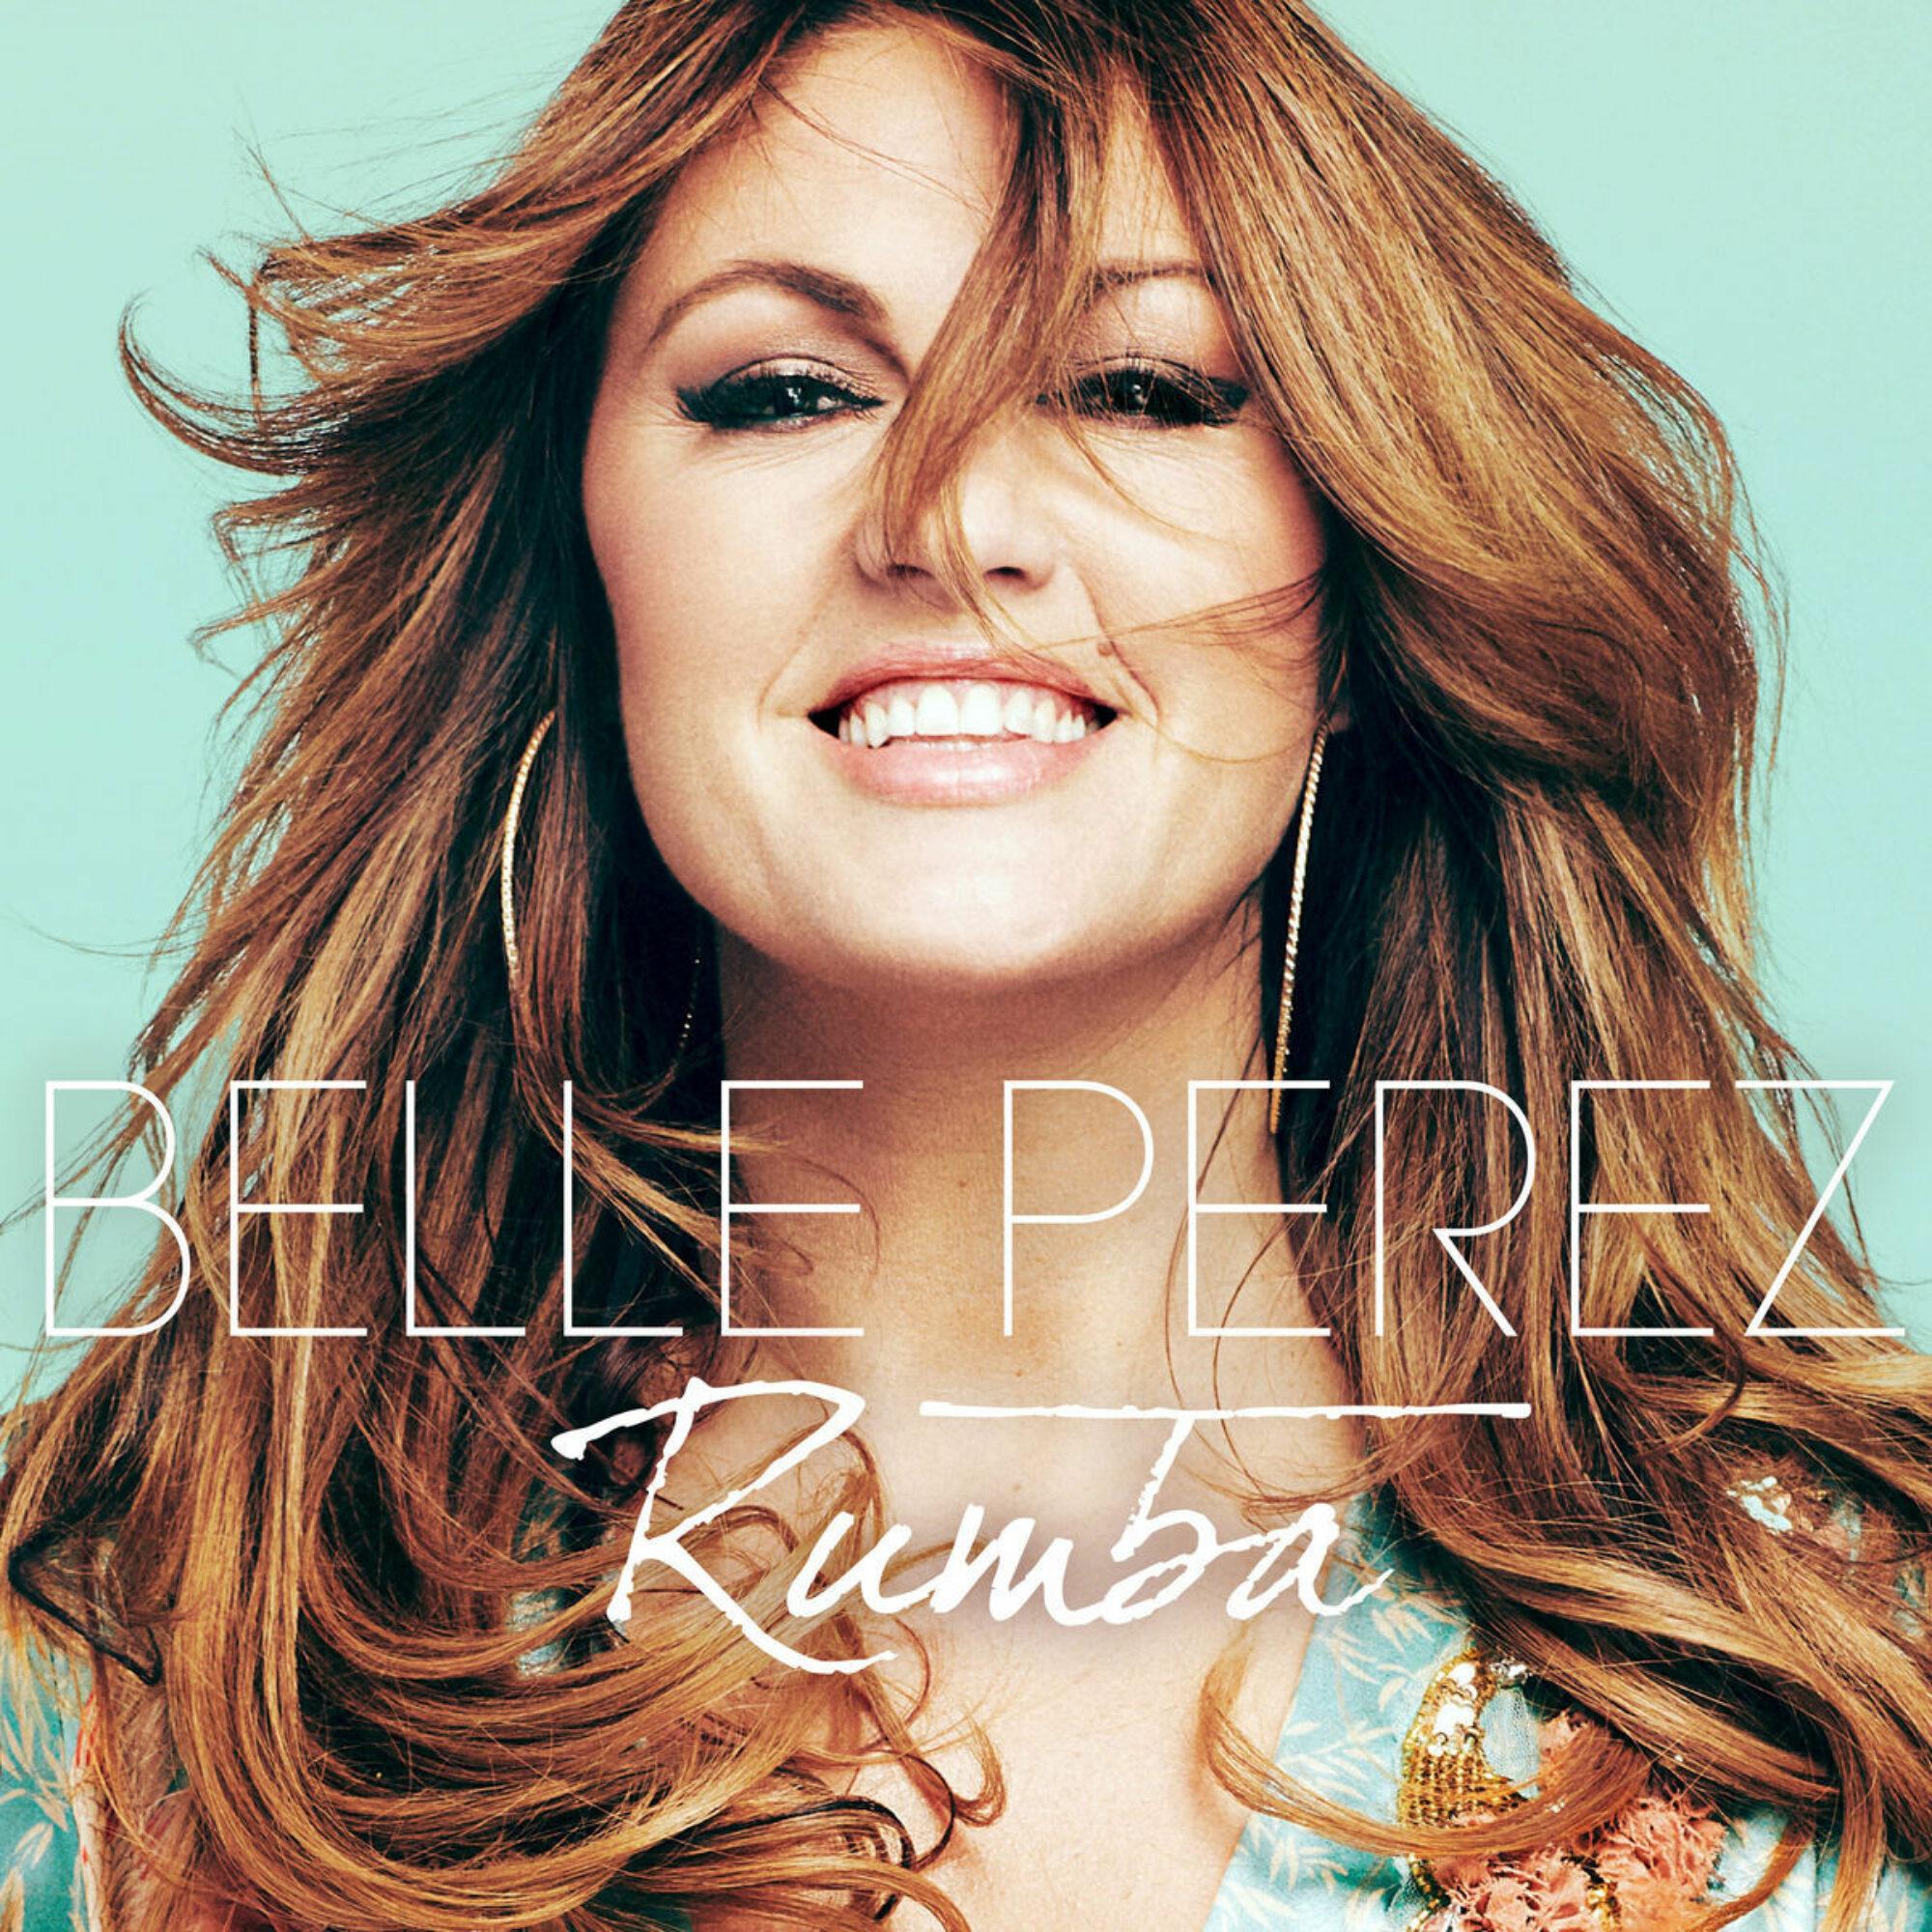 Belle Perez Rumba S